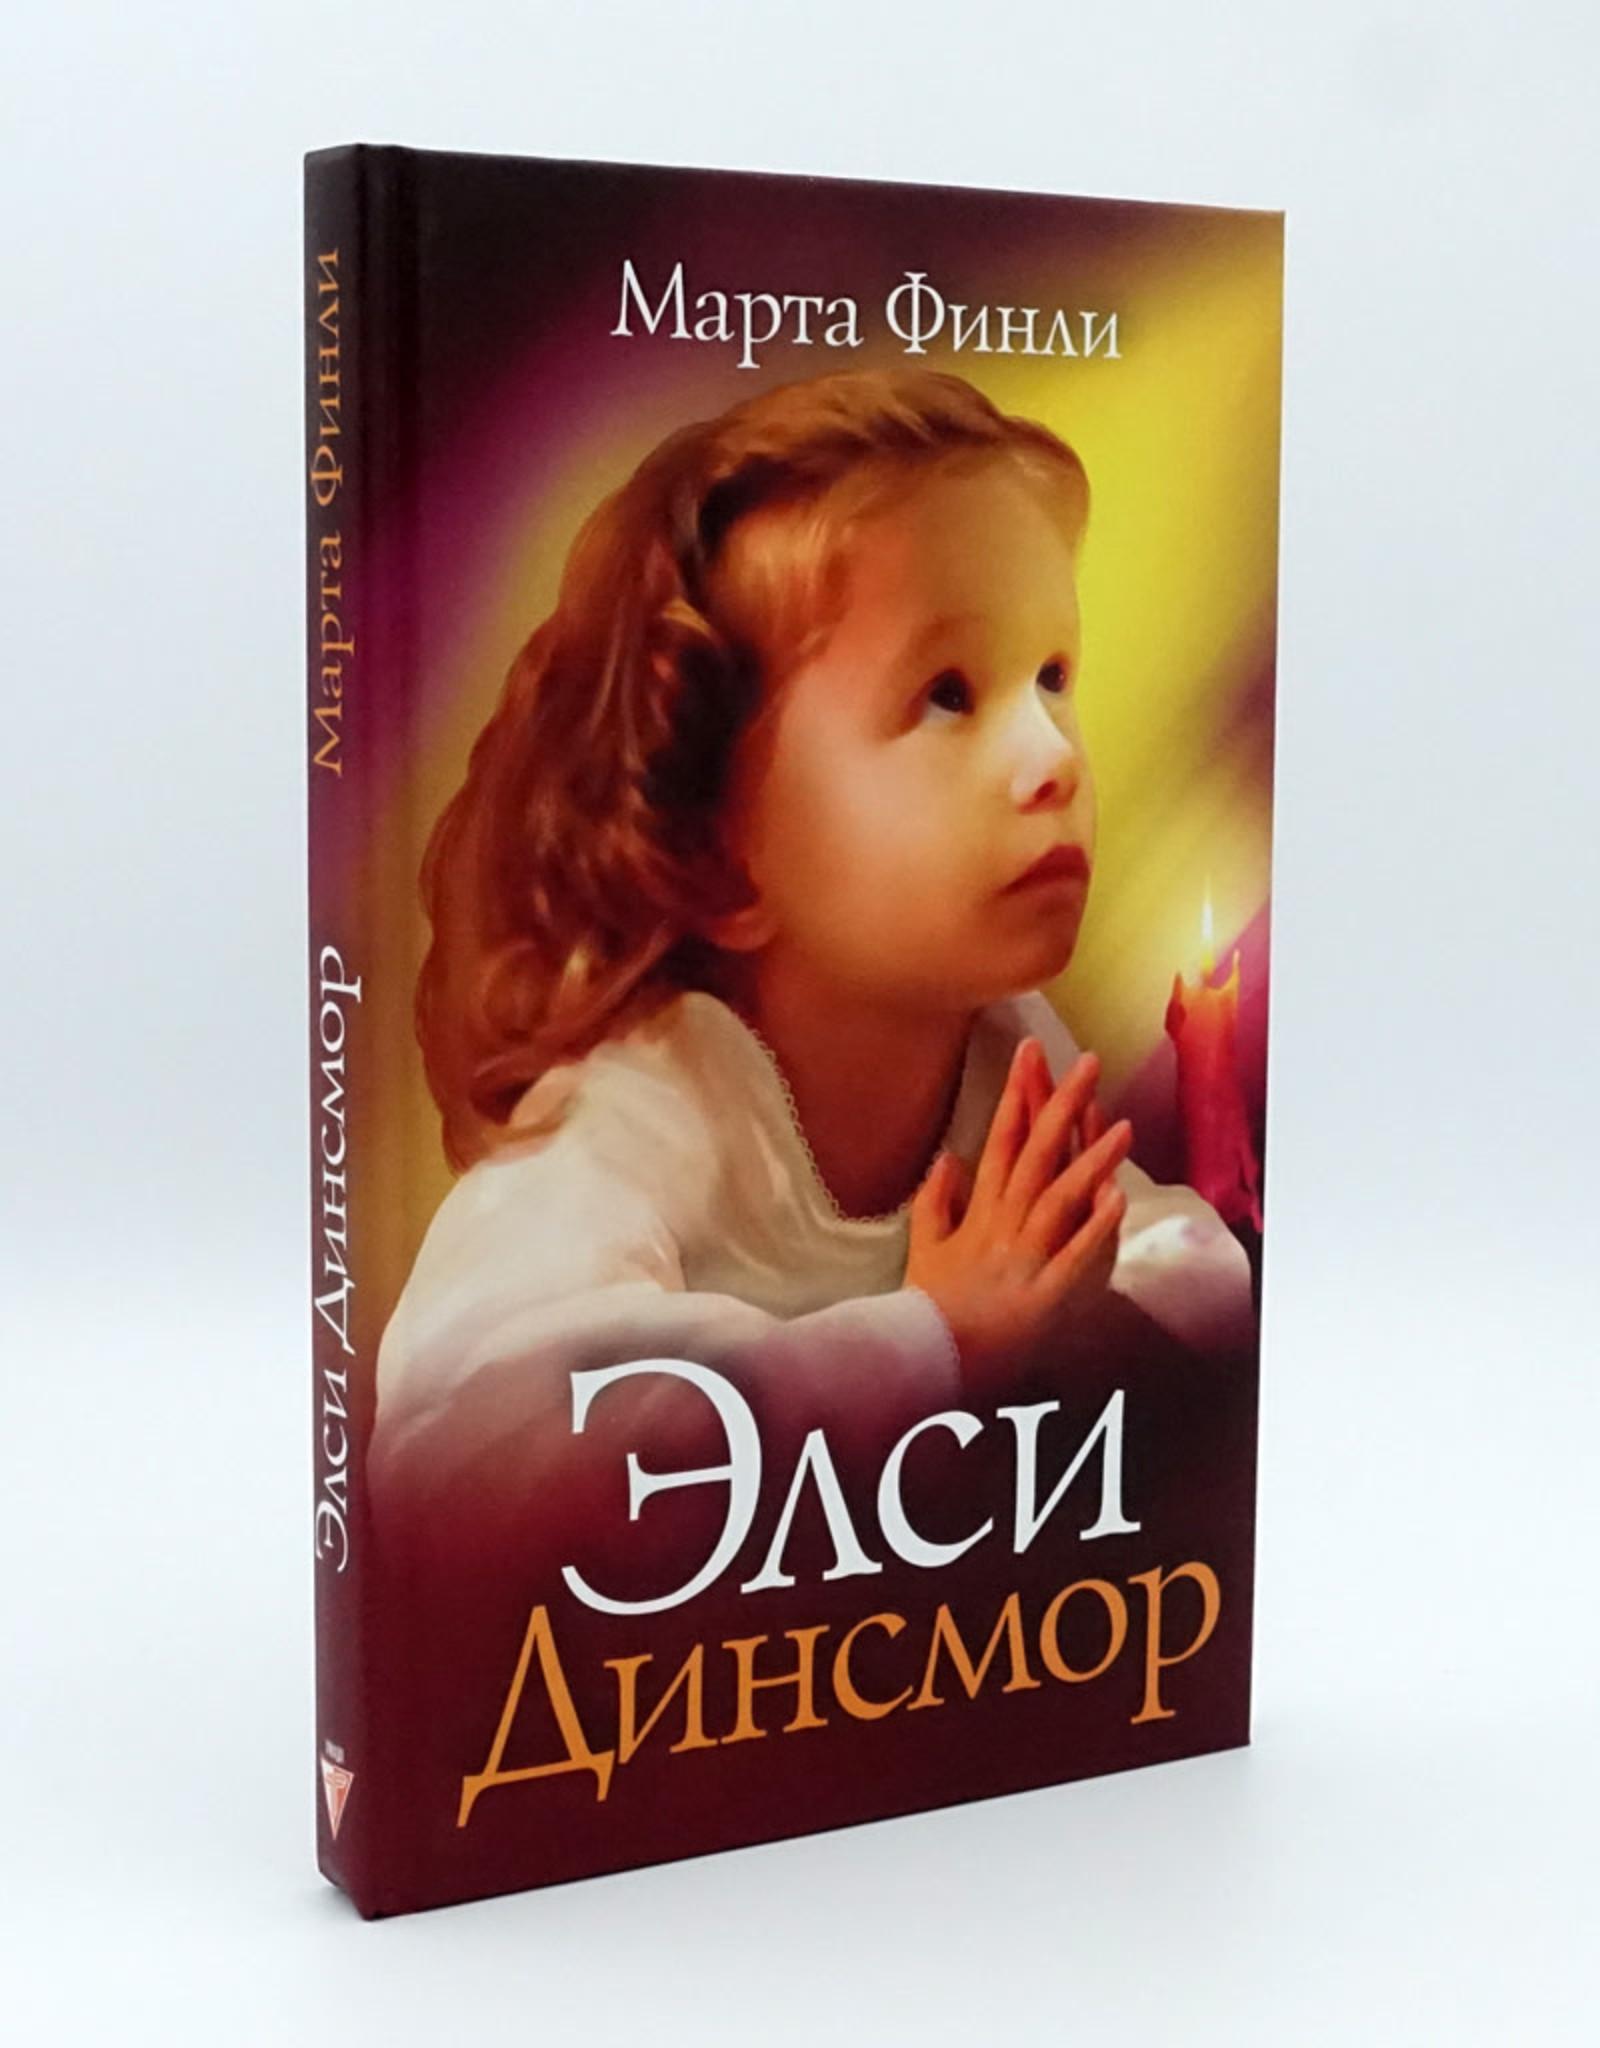 Элси Динсмор, Марта Финли